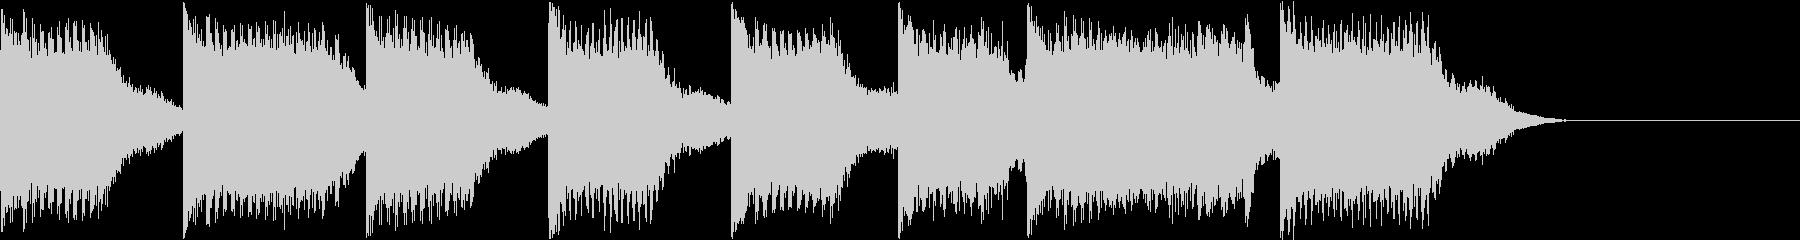 AI メカ/ロボ/マシン動作音 11の未再生の波形